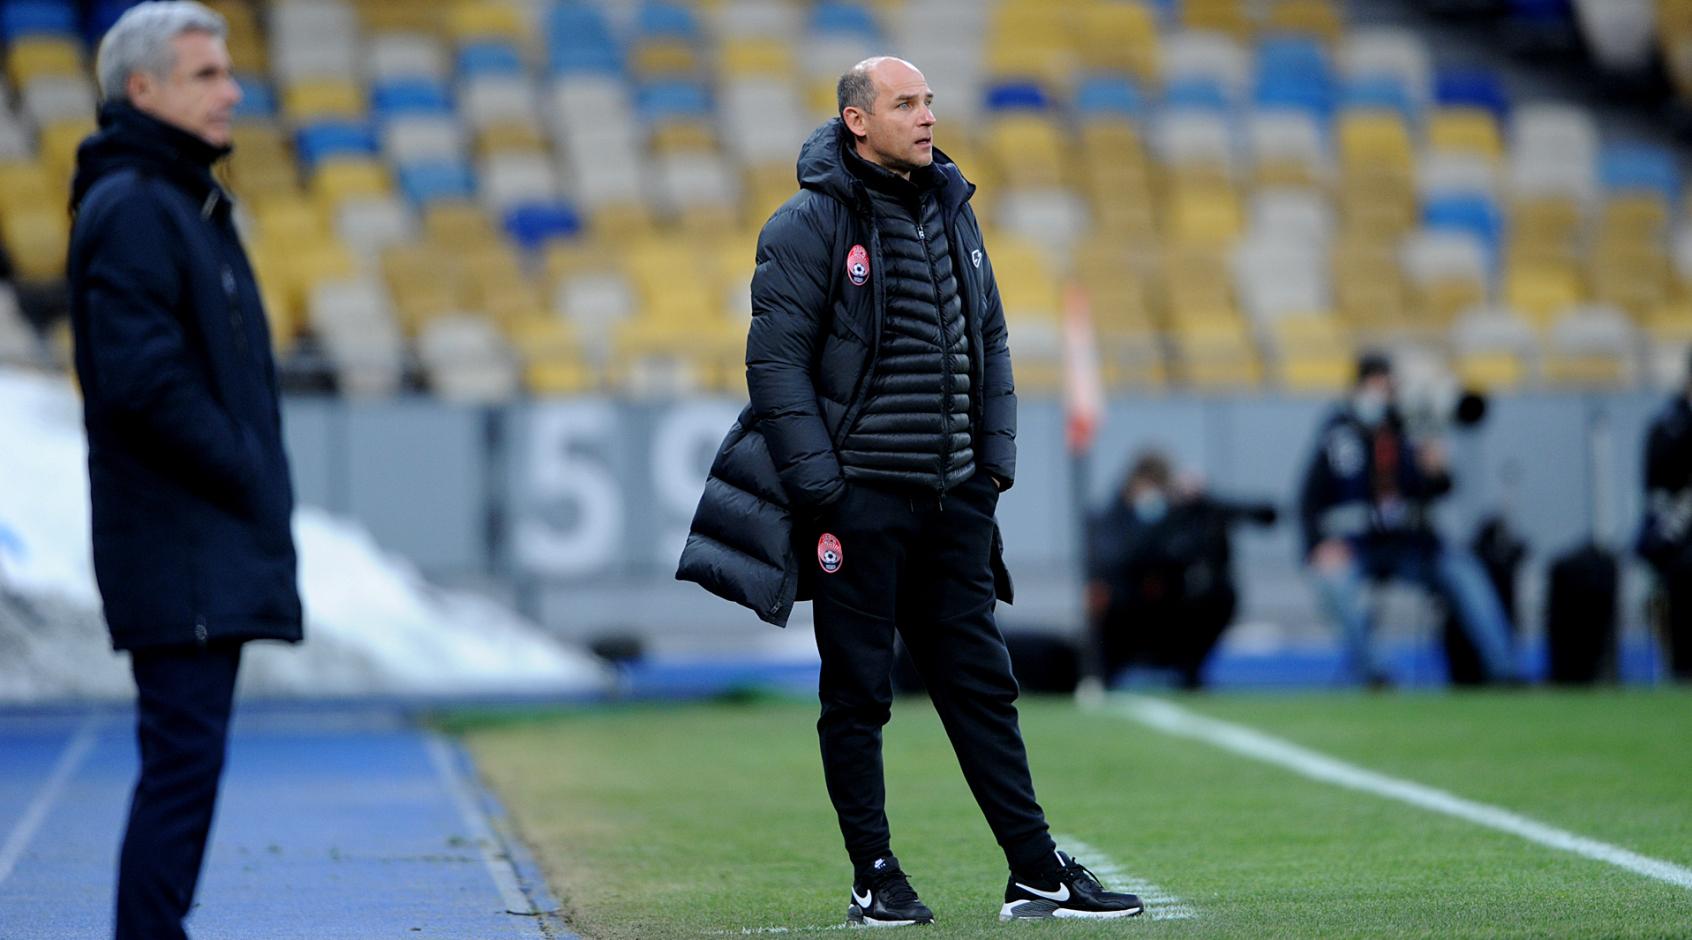 """Виктор Скрипник: """"Какой футбол, если все состоит из таких решений - там передернул, там удалил, там поставил"""""""